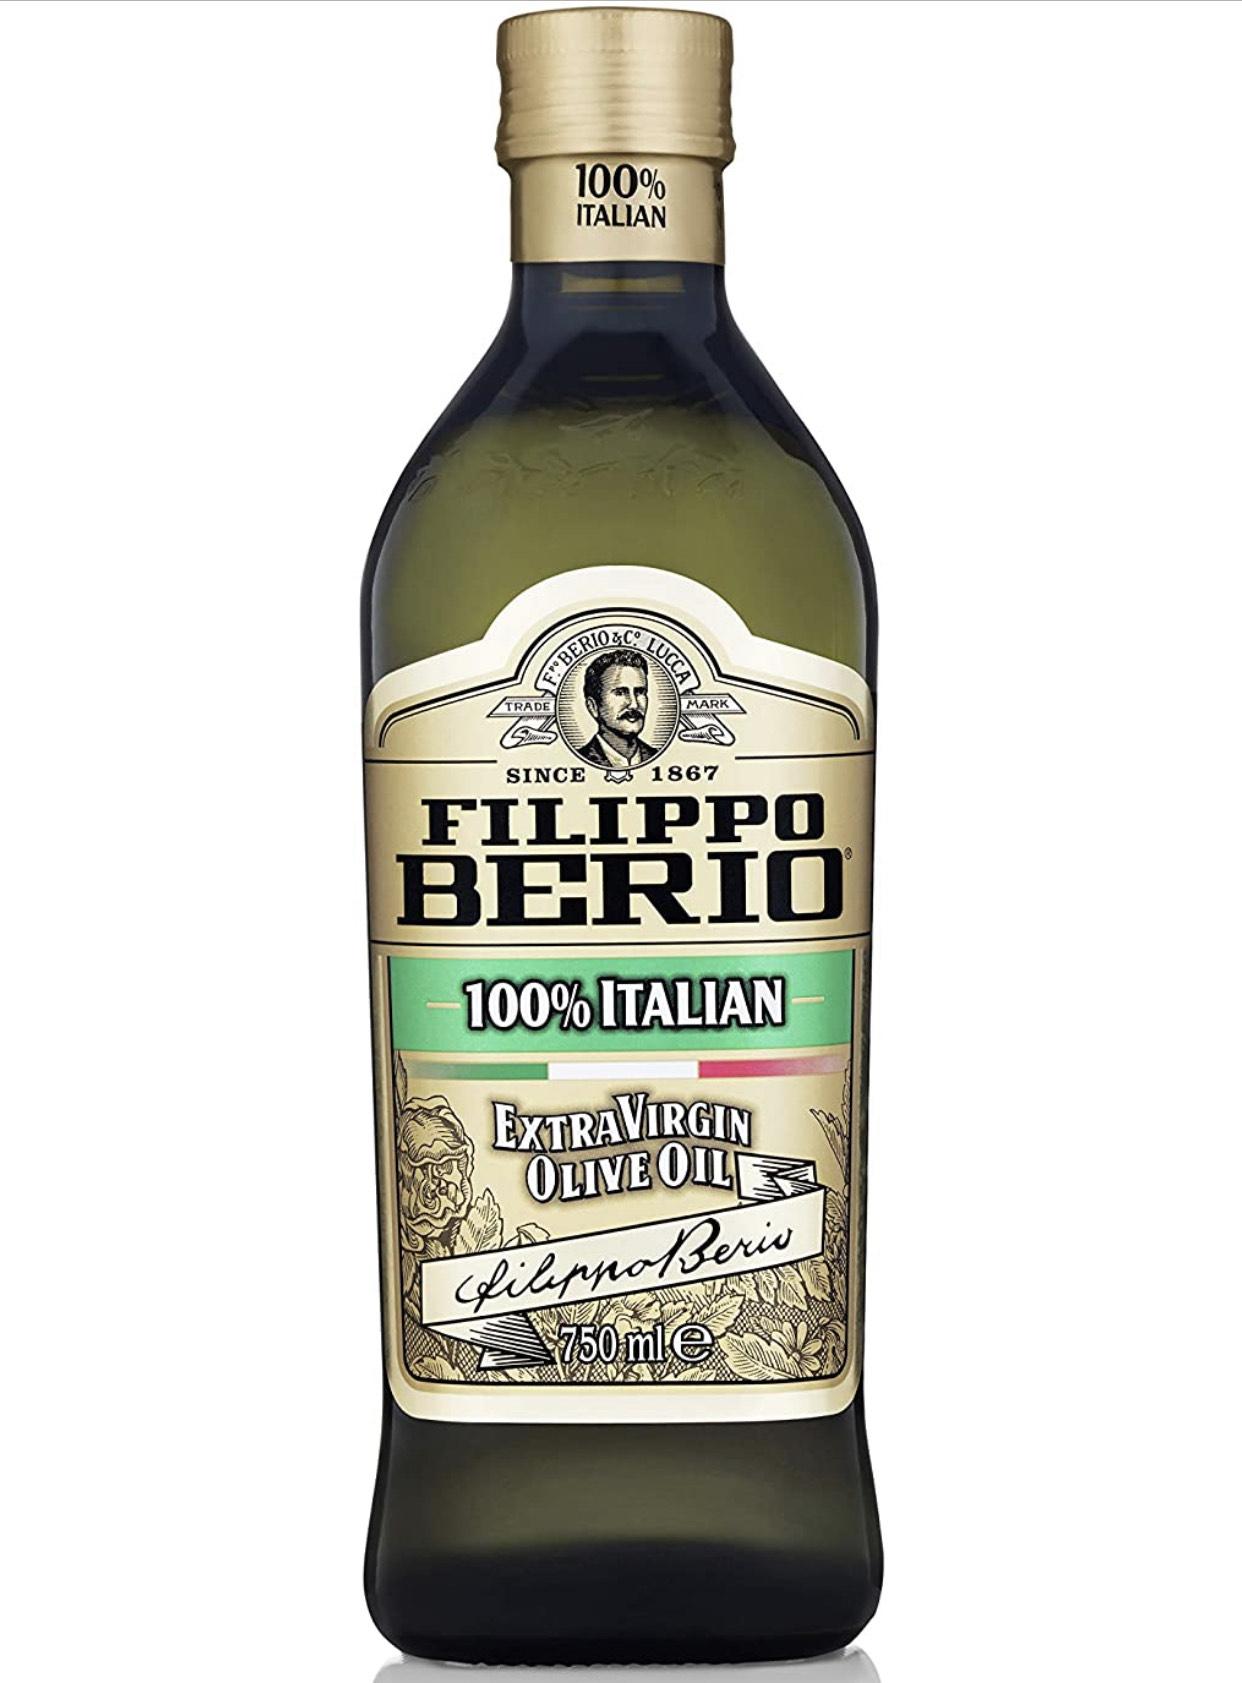 750ML Filippo Berio Extra Virgin Olive Oil reduced to 20p at Asda Govan